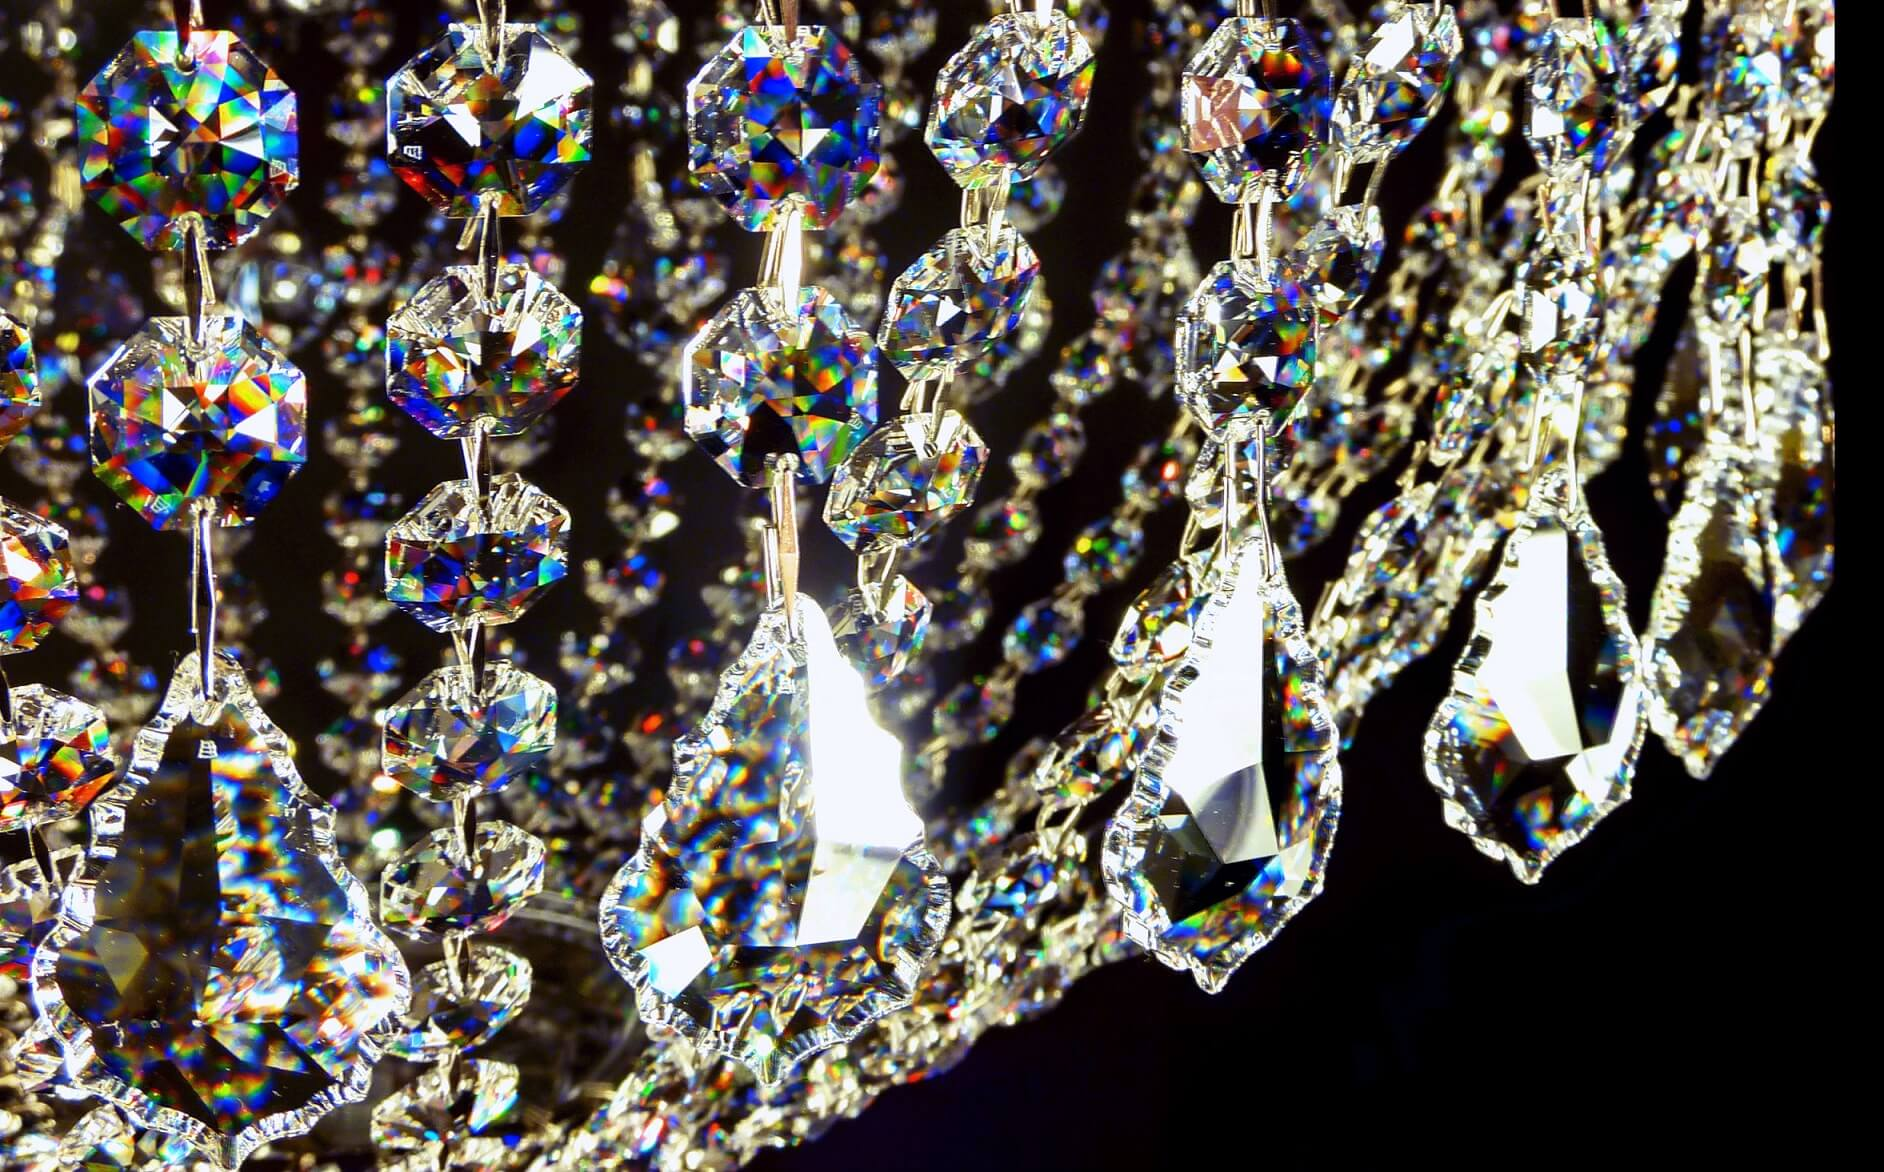 Kristall Kronleuchter Wien ~ Mit kronleuchter reinigung lüster reinigen und putzen cgi